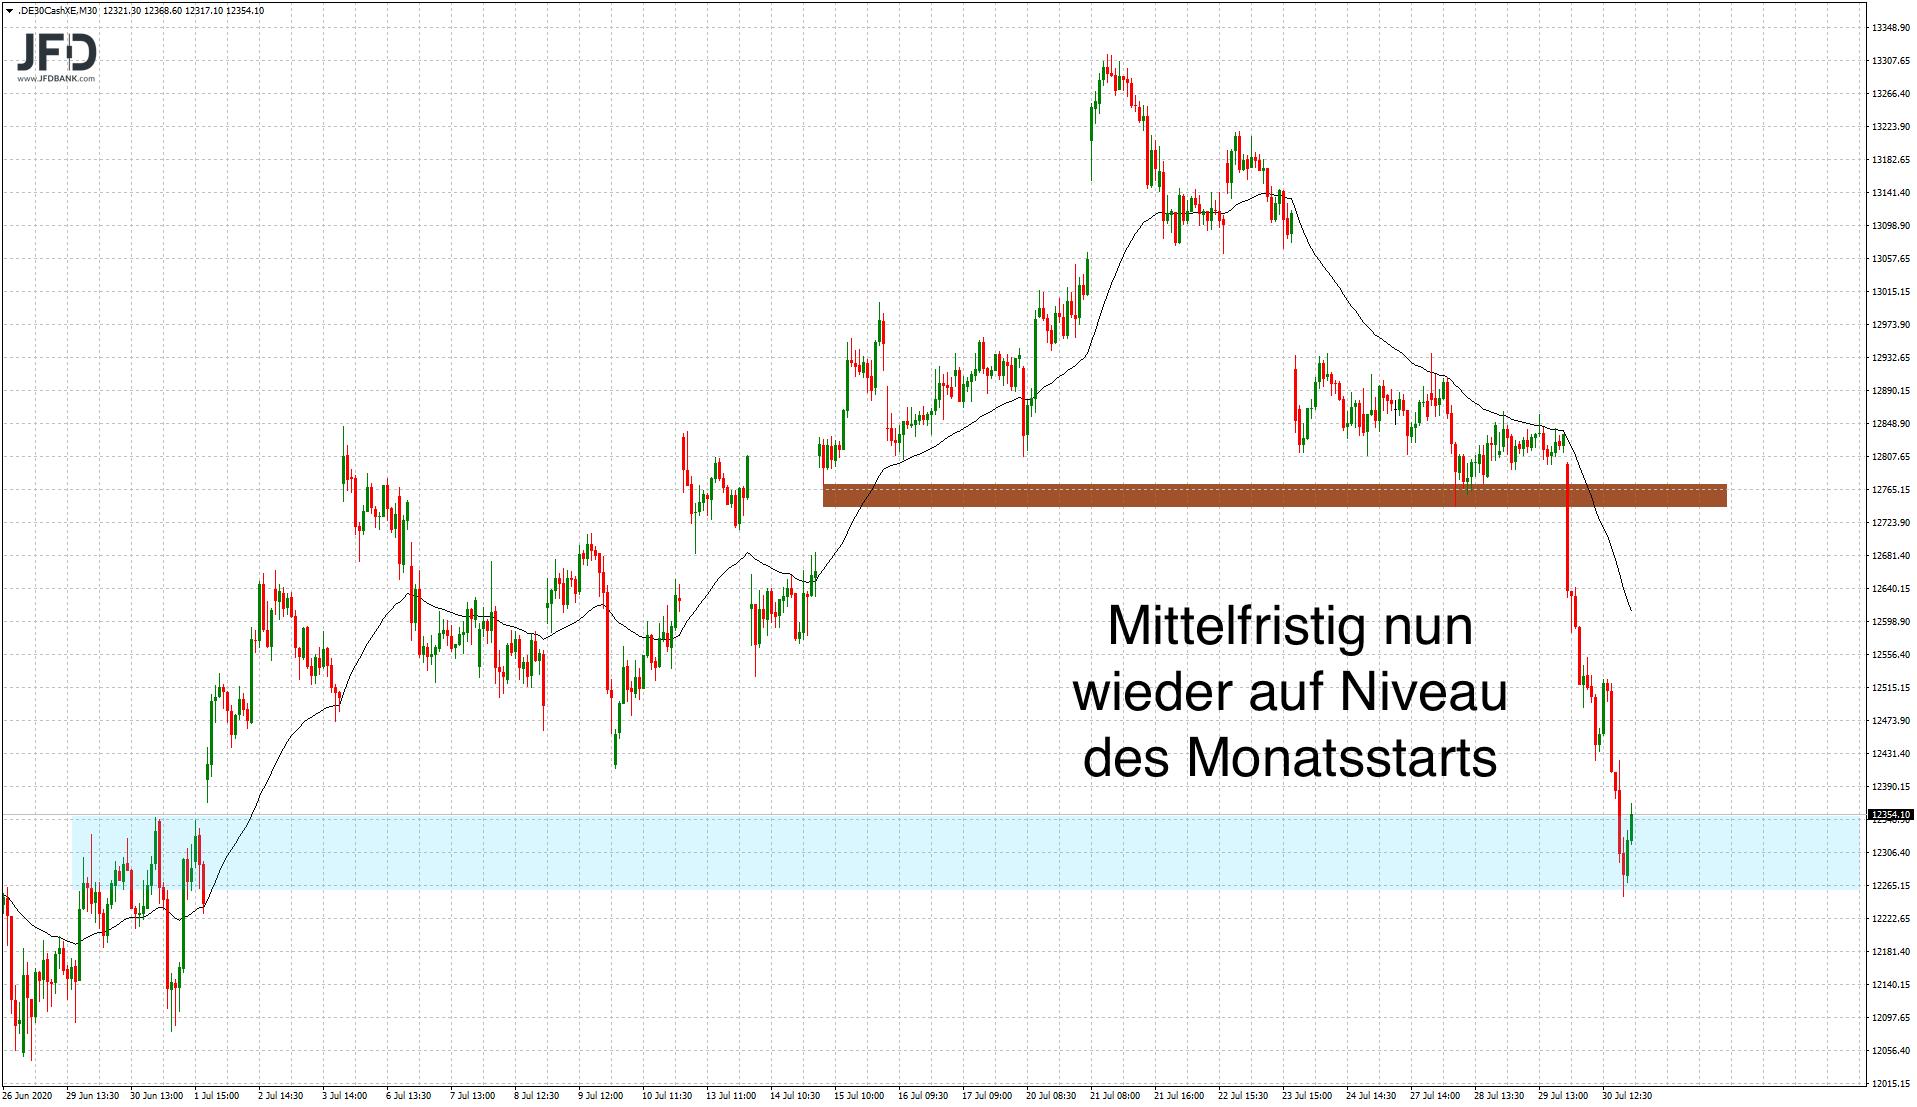 Entladung-des-DAX-auf-der-Unterseite-Hintergründe-und-Trading-Setups-Kommentar-JFD-Bank-GodmodeTrader.de-4